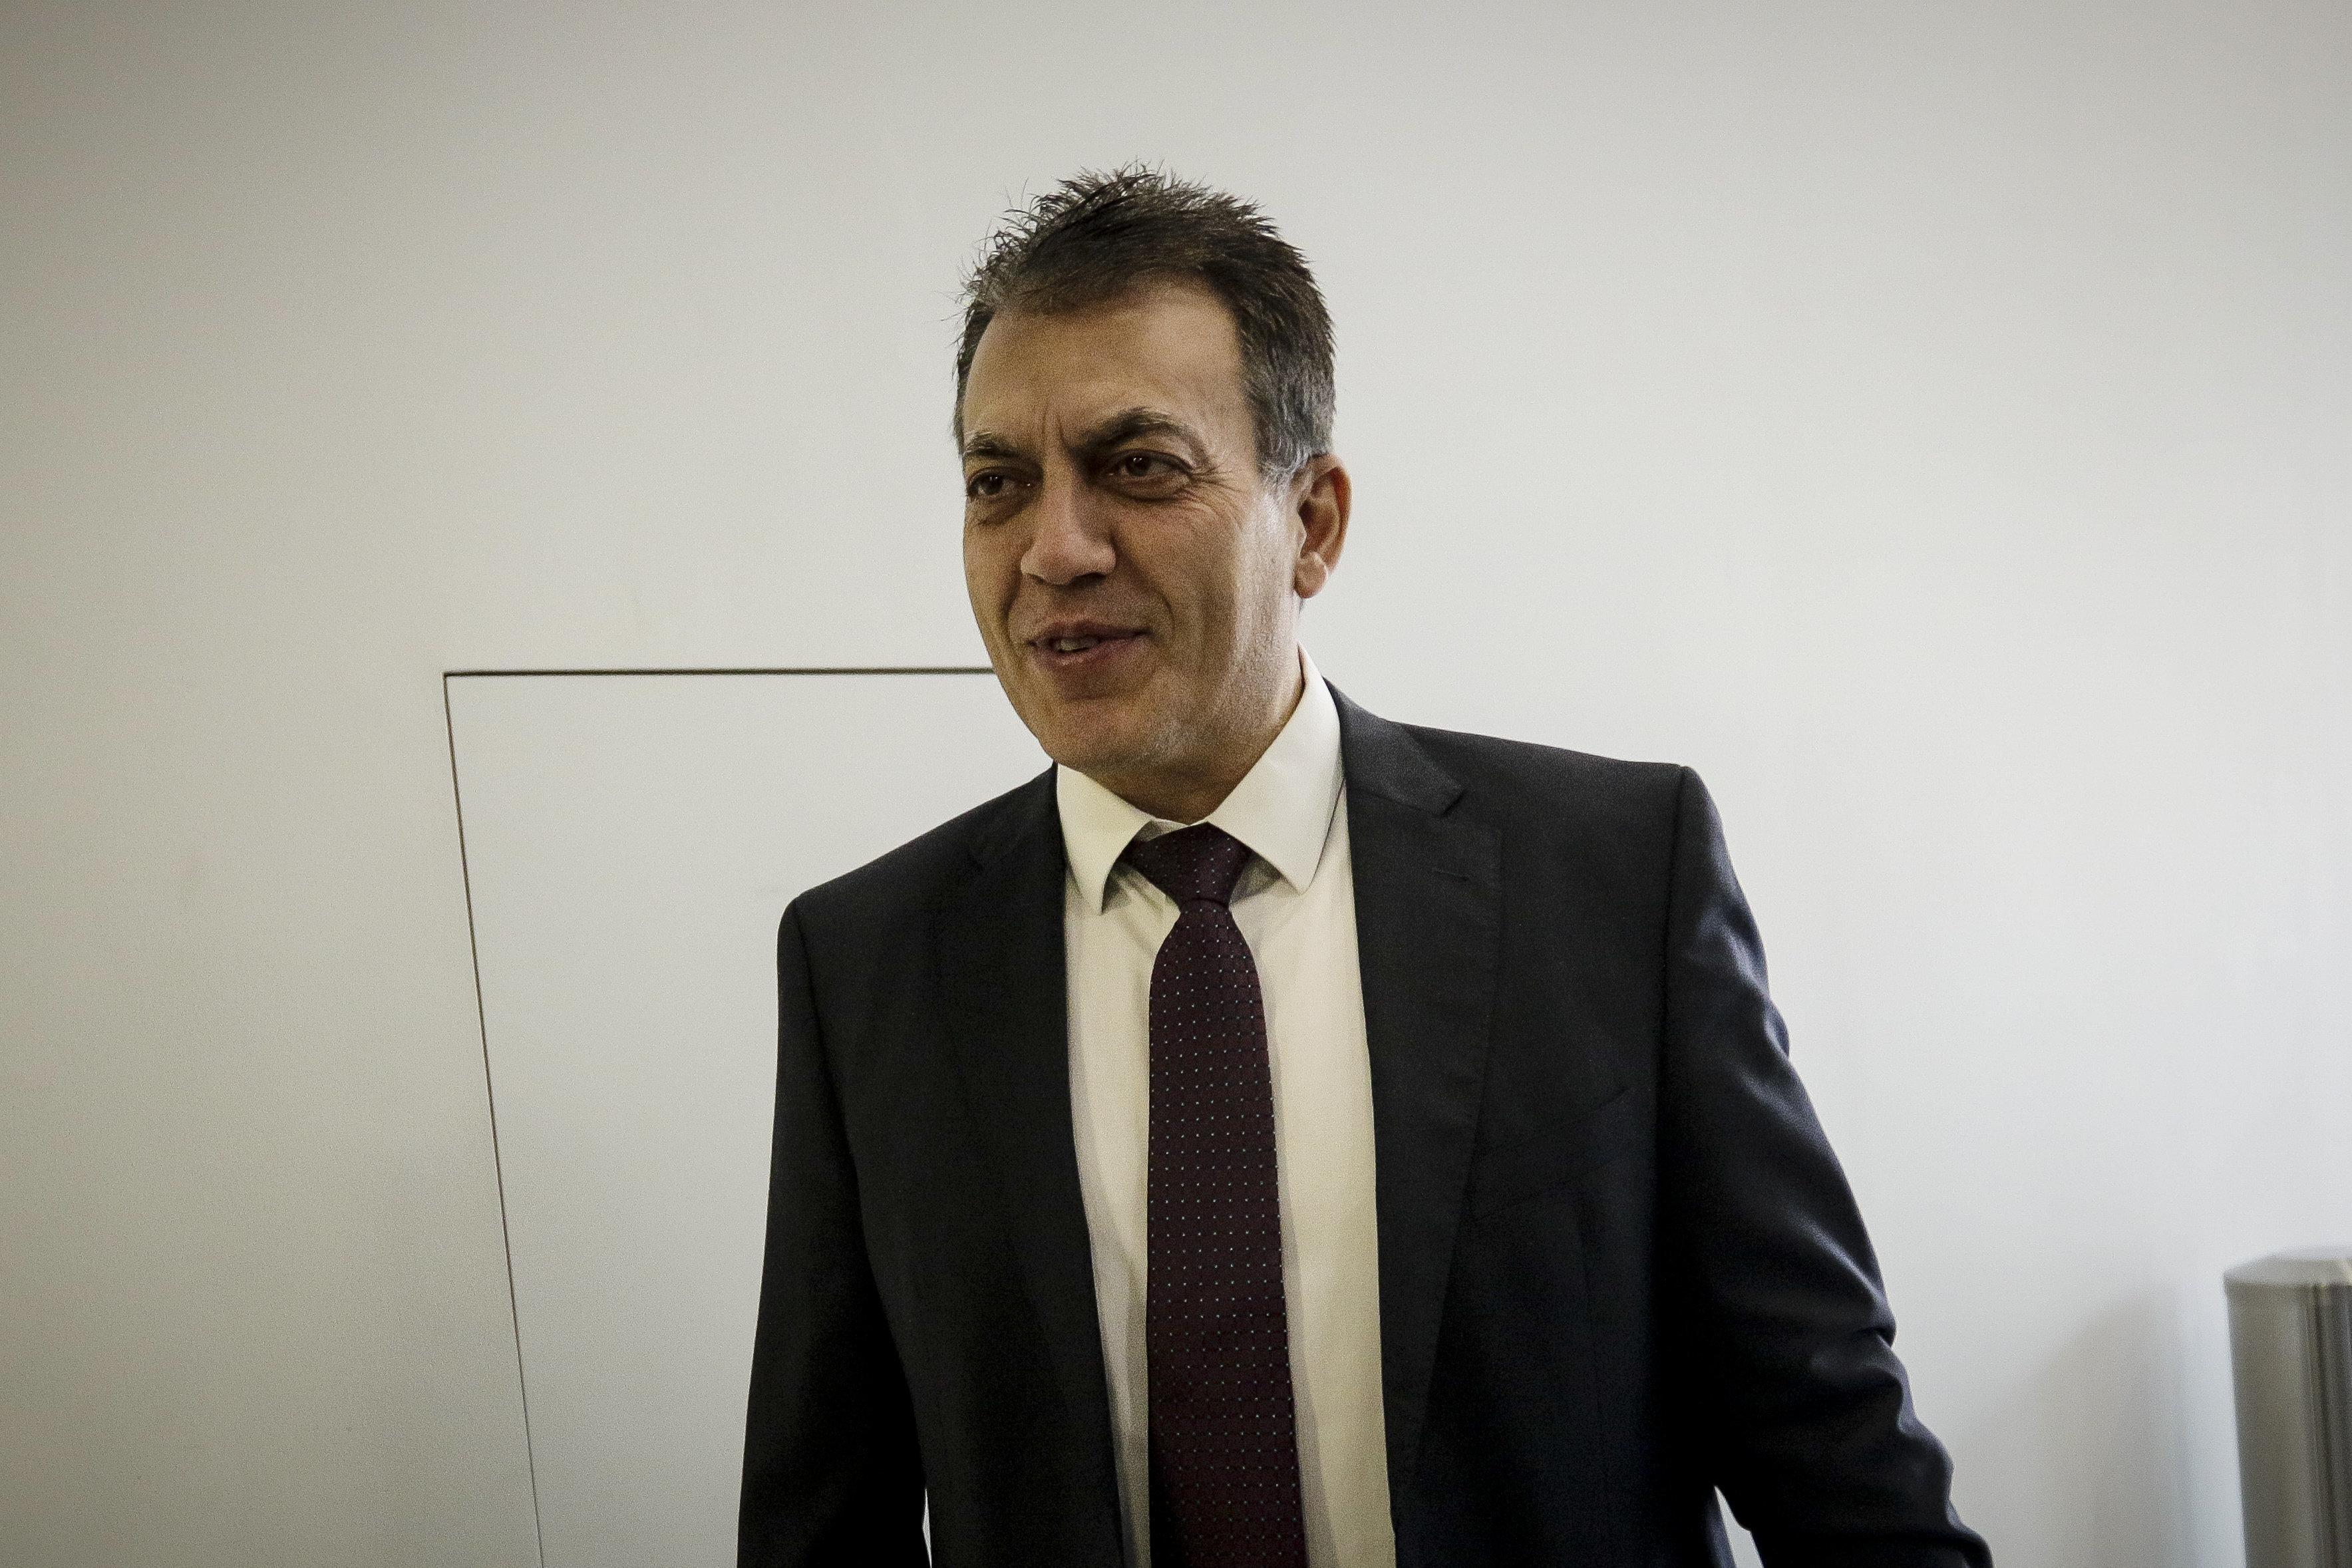 Βρούτσης: Στα 31,9 δισ. ευρώ εκτοξεύτηκαν οι ληξιπρόθεσμες οφειλές στα ασφαλιστικά ταμεία